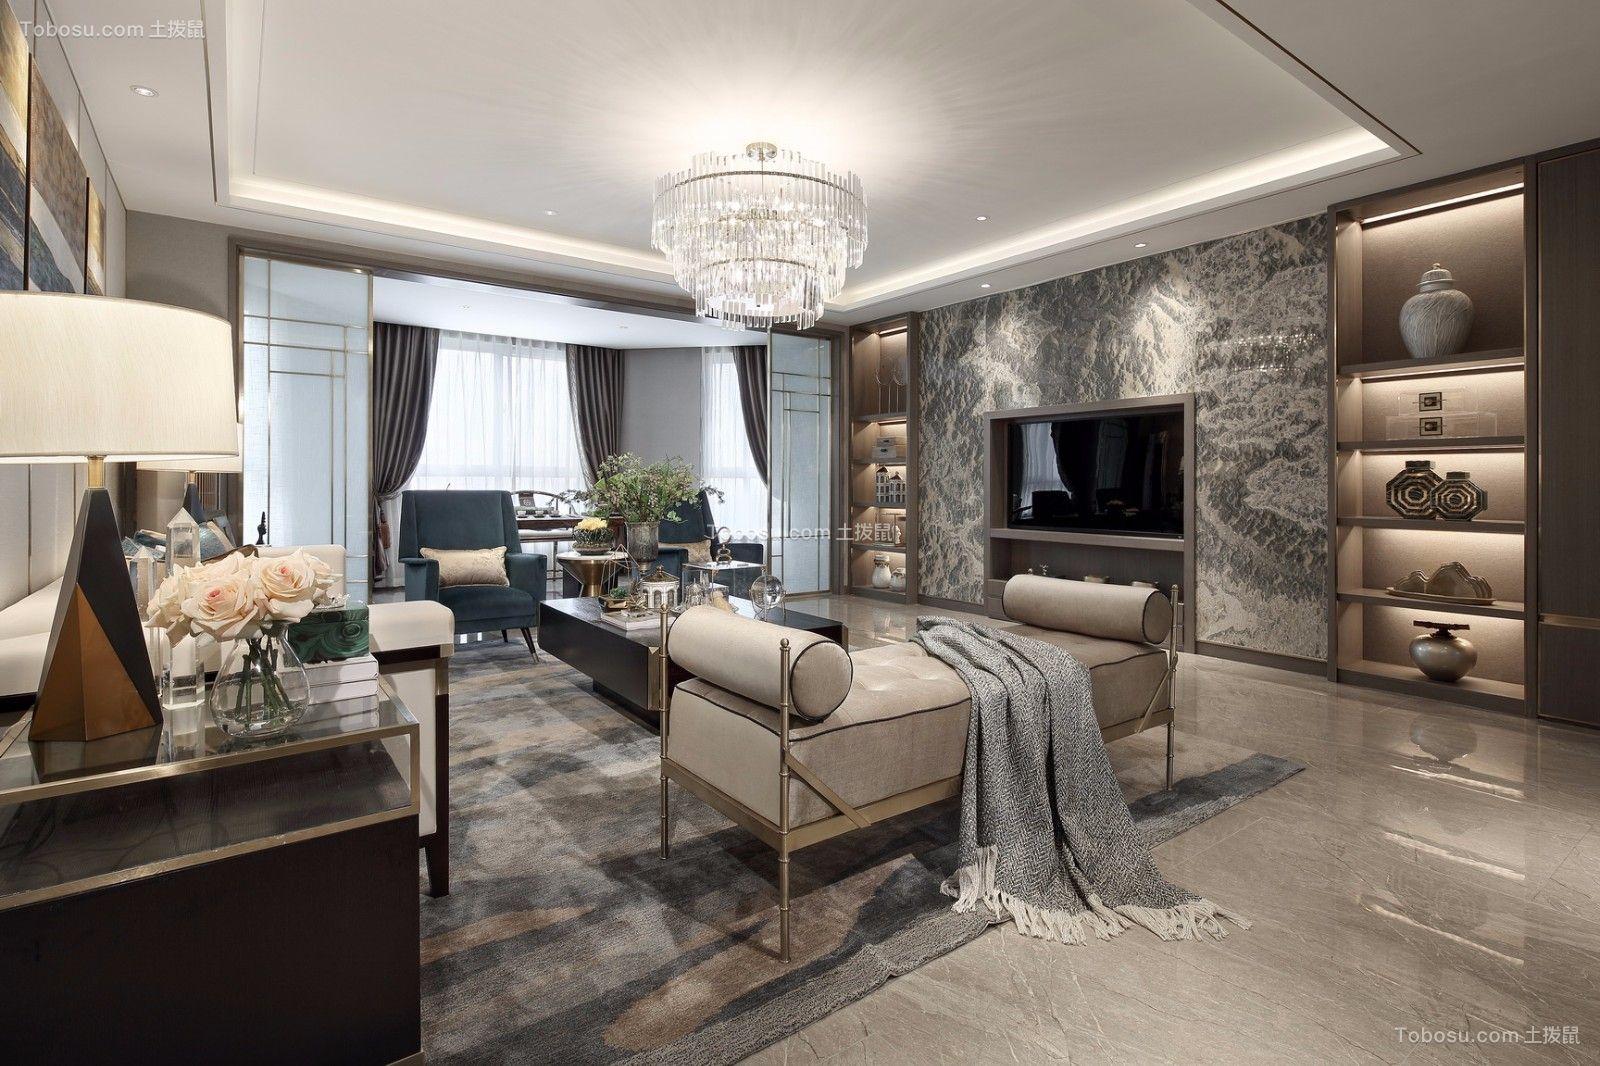 十佳公司室内装修设计深圳格调建筑设计窗帘图片